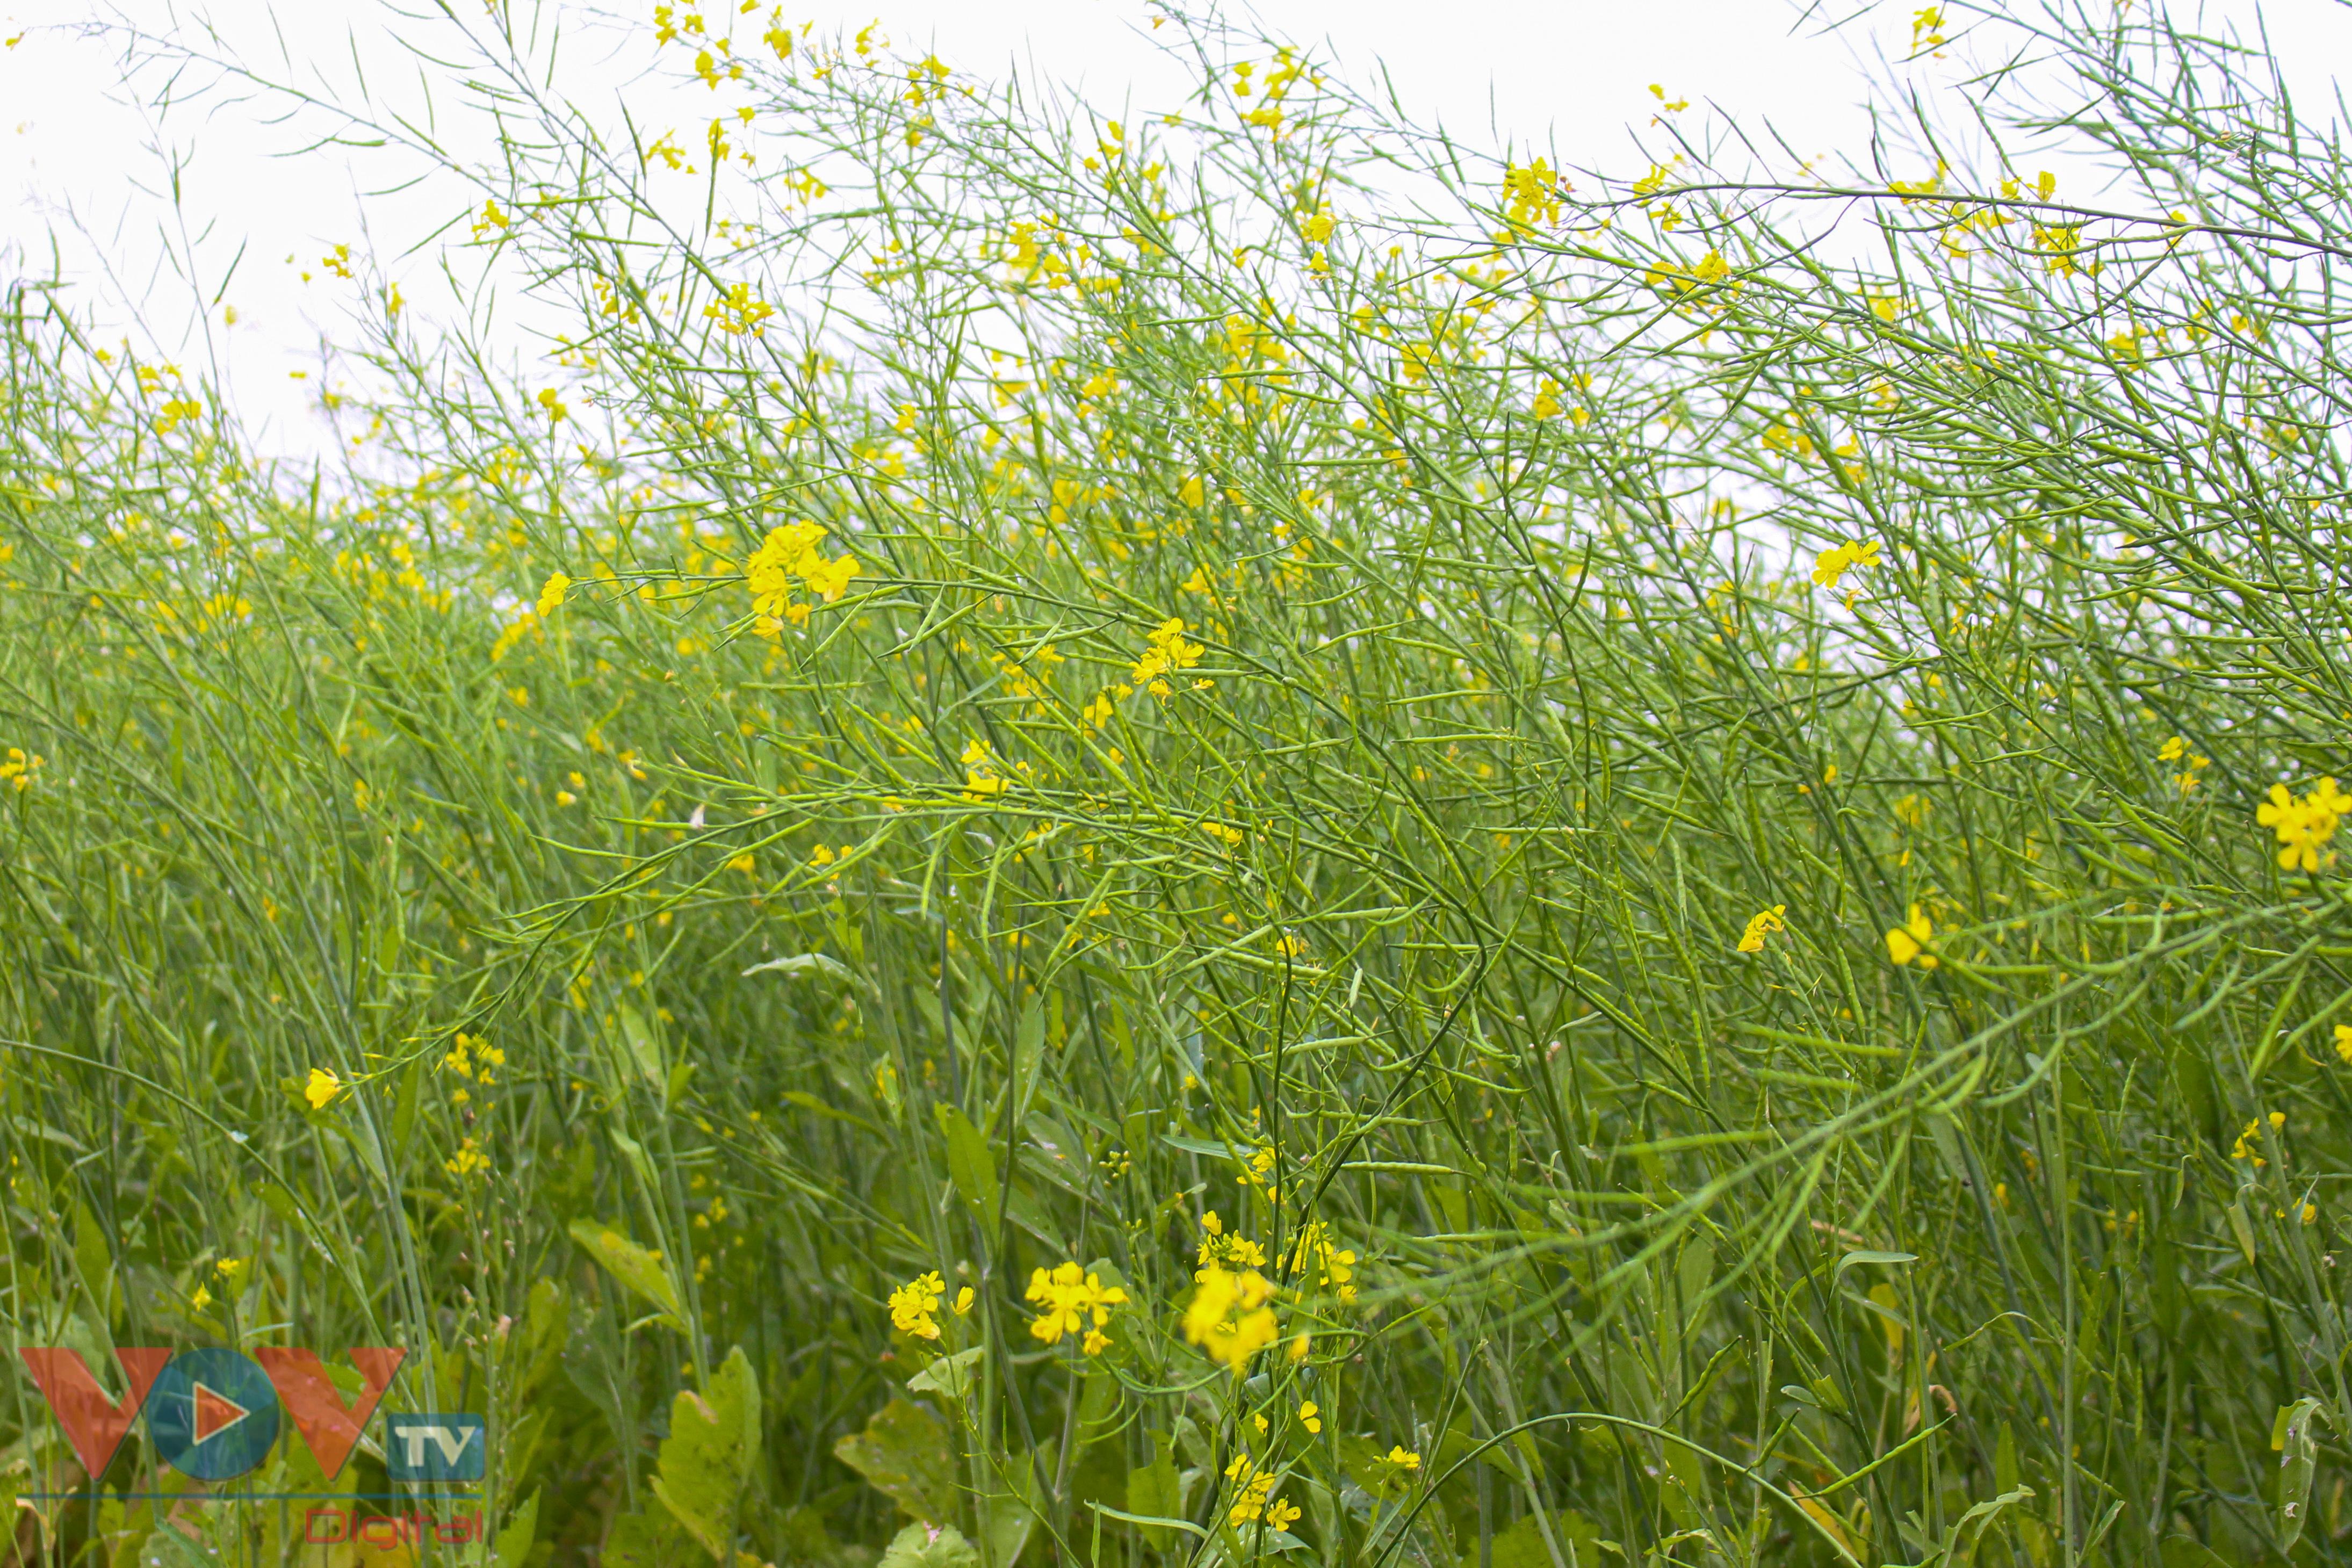 Rực rỡ cánh đồng hoa cải vàng ven sông - Ảnh 8.